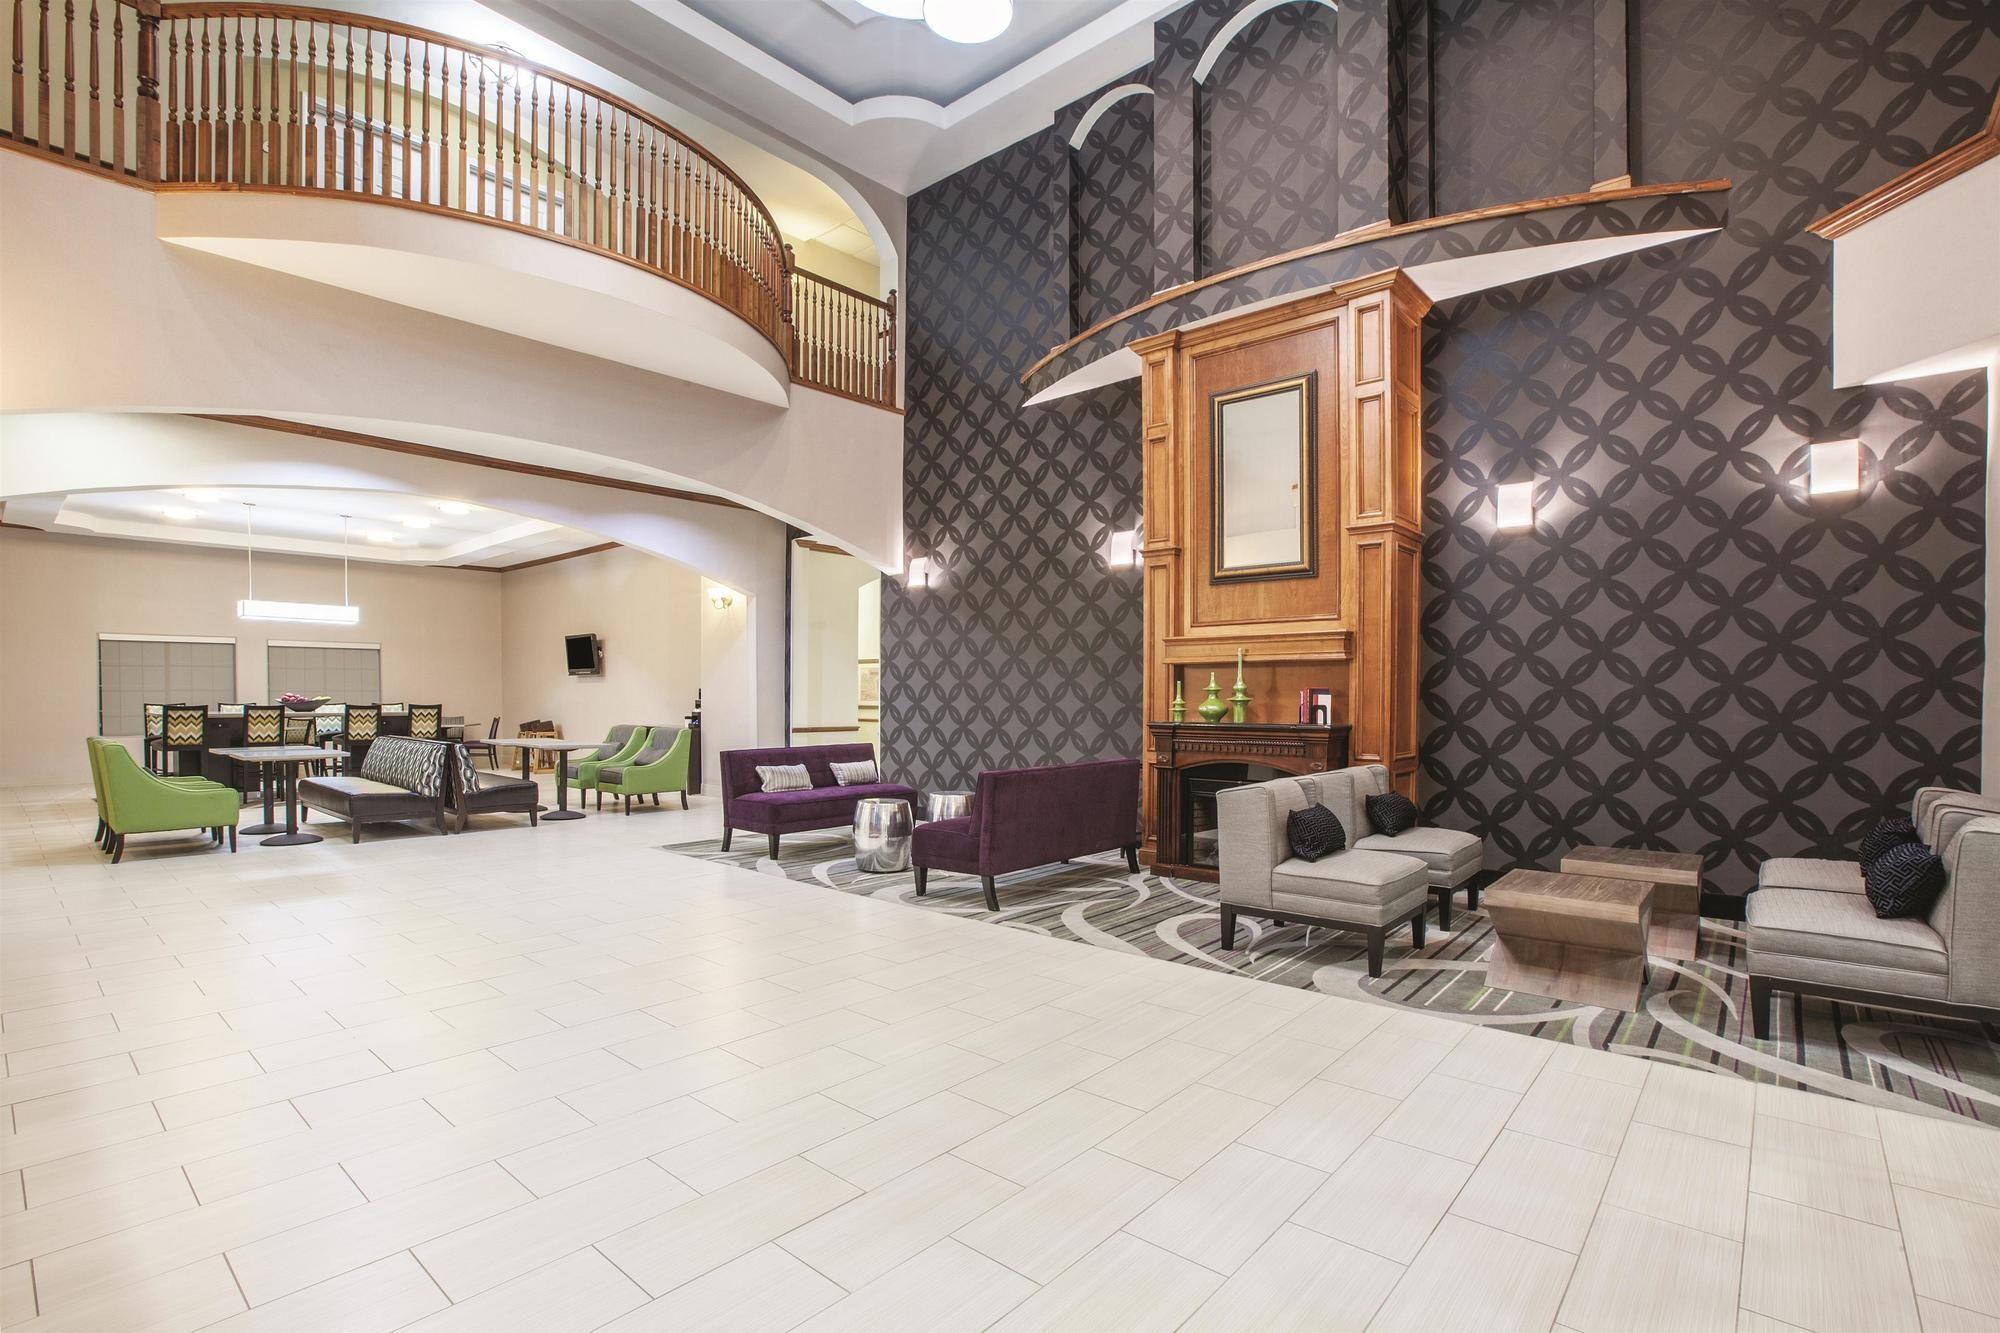 La Quinta Inn & Suites Gainesville - 70 Photos & 21 ...